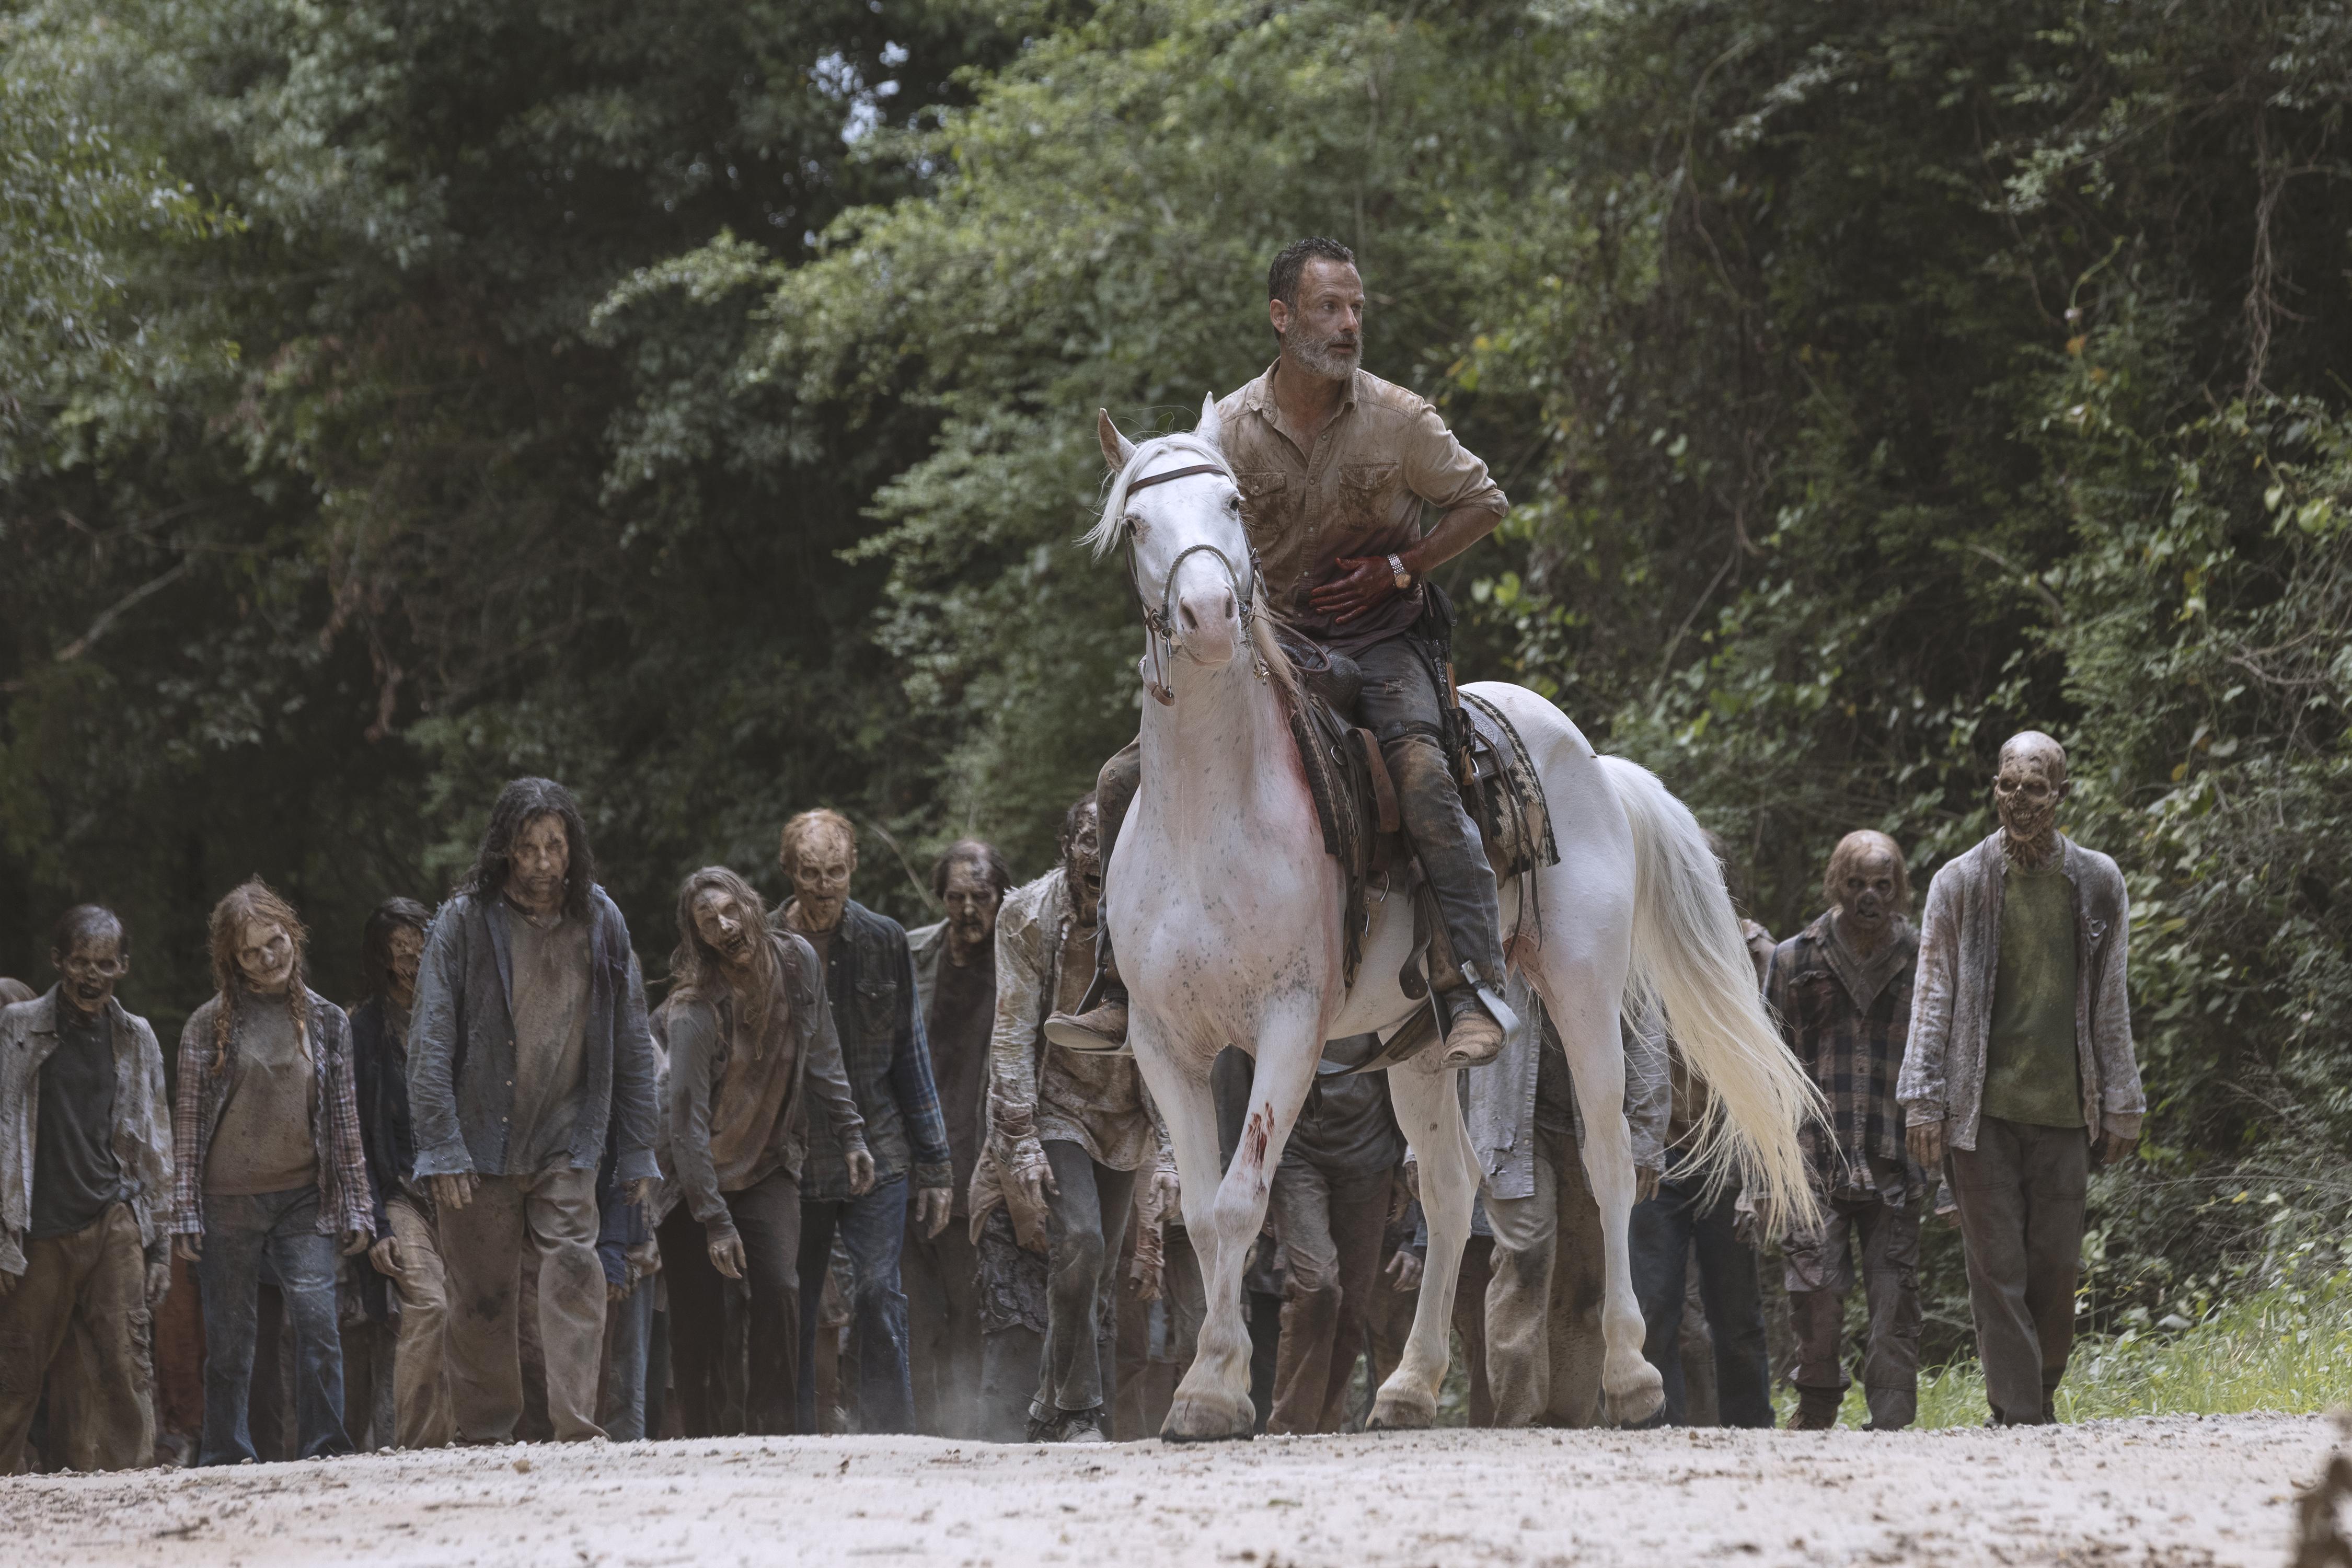 Blessé gravement, Rick Grimes (Andrew Lincoln) doit toujours mener la horde à l'écart des colonies... - The Walking Dead - Saison 9, Épisode 5 - Crédit photo: Jackson Lee Davis/AMC